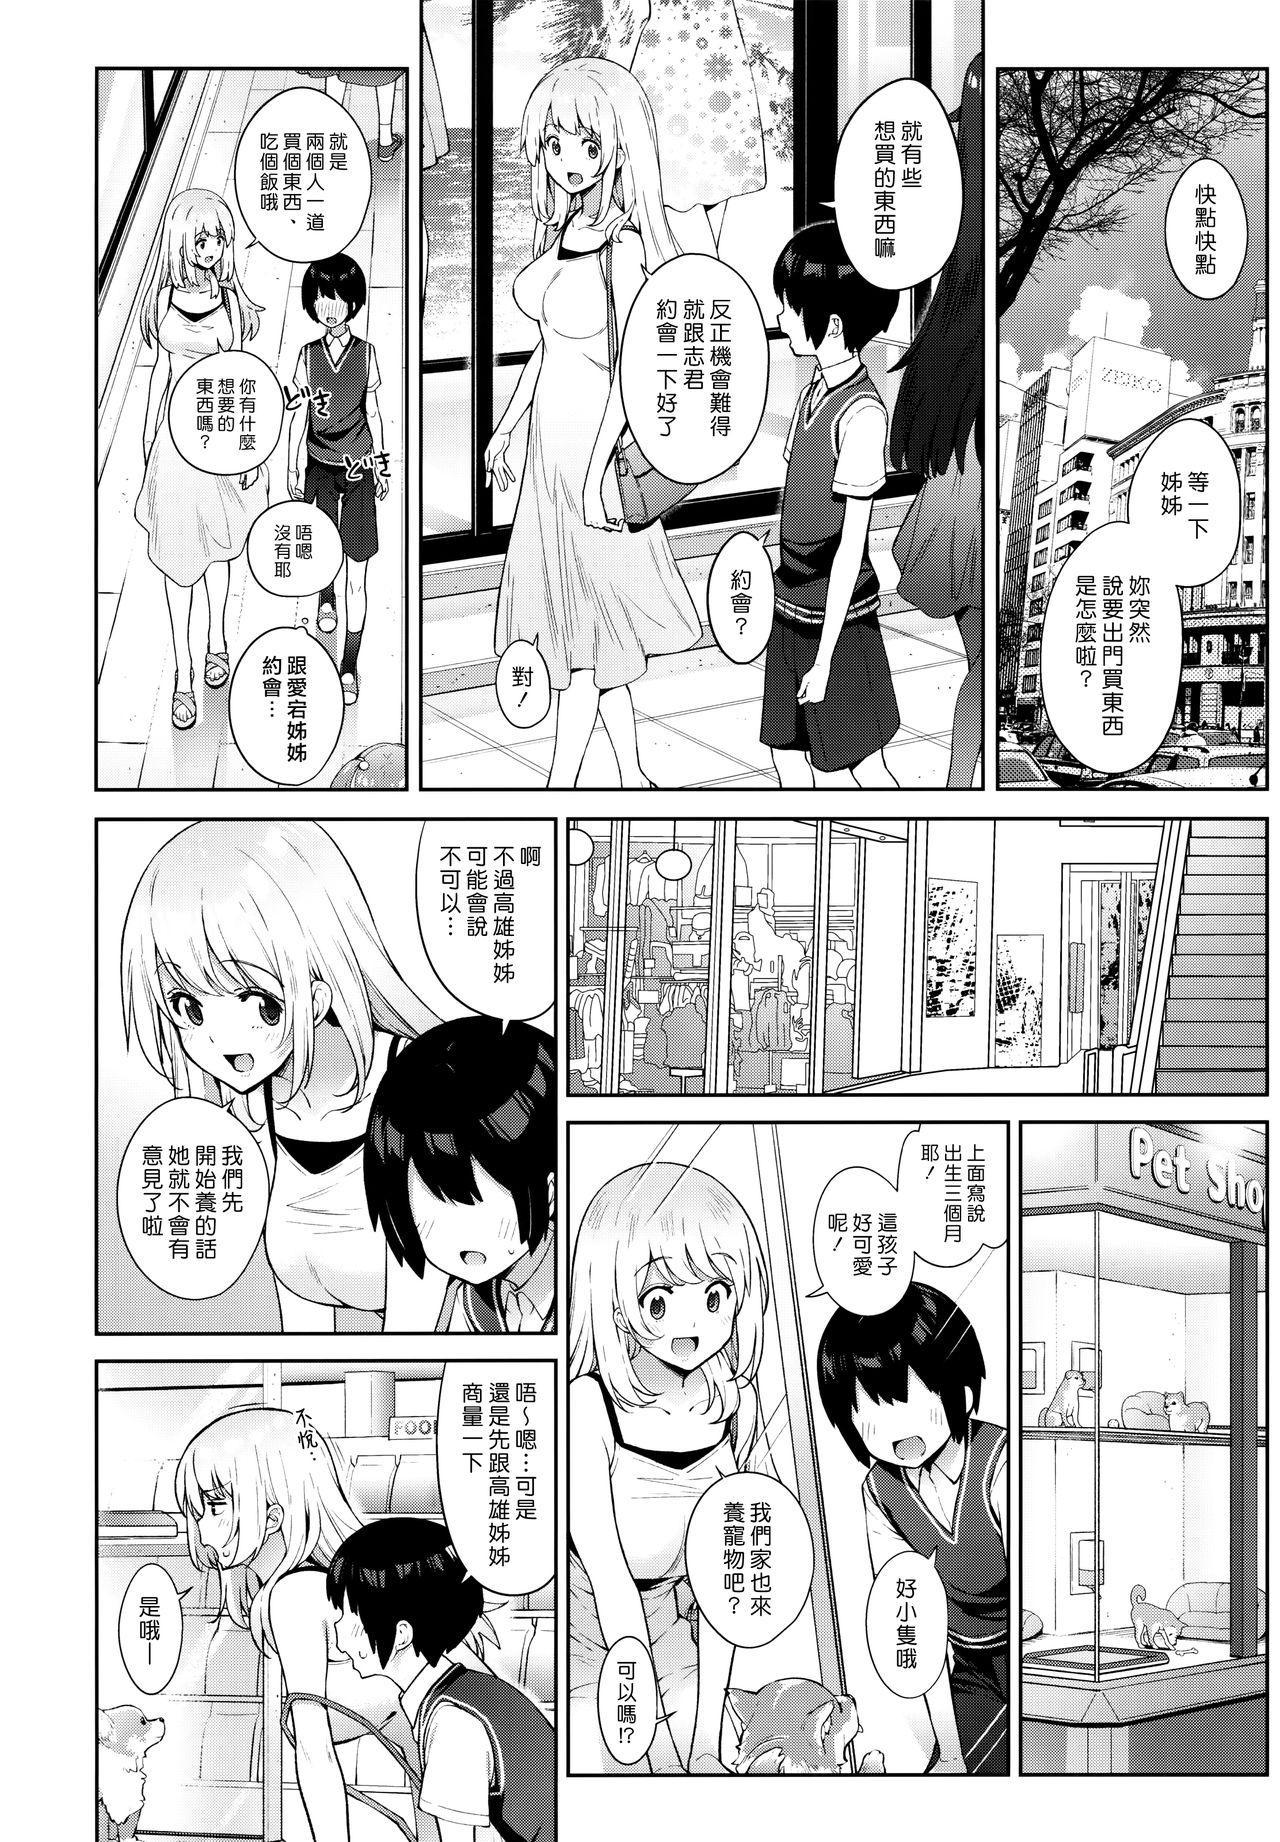 Otouto ga Kawaisugiru node Mirai no Teitoku dakedo, Aishichatte mo Ii desu ka? 7